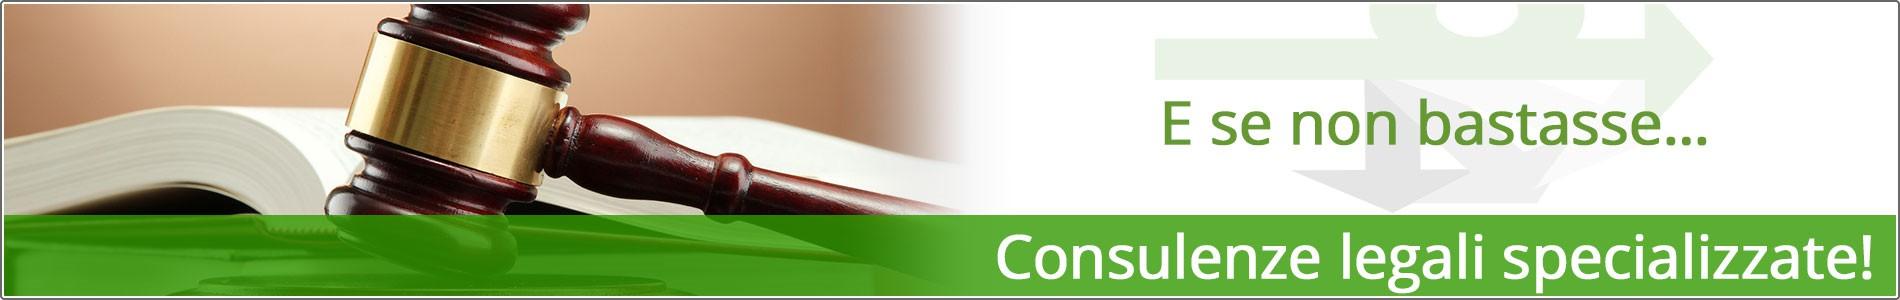 Consulenze legali NCC per multe e sanzioni